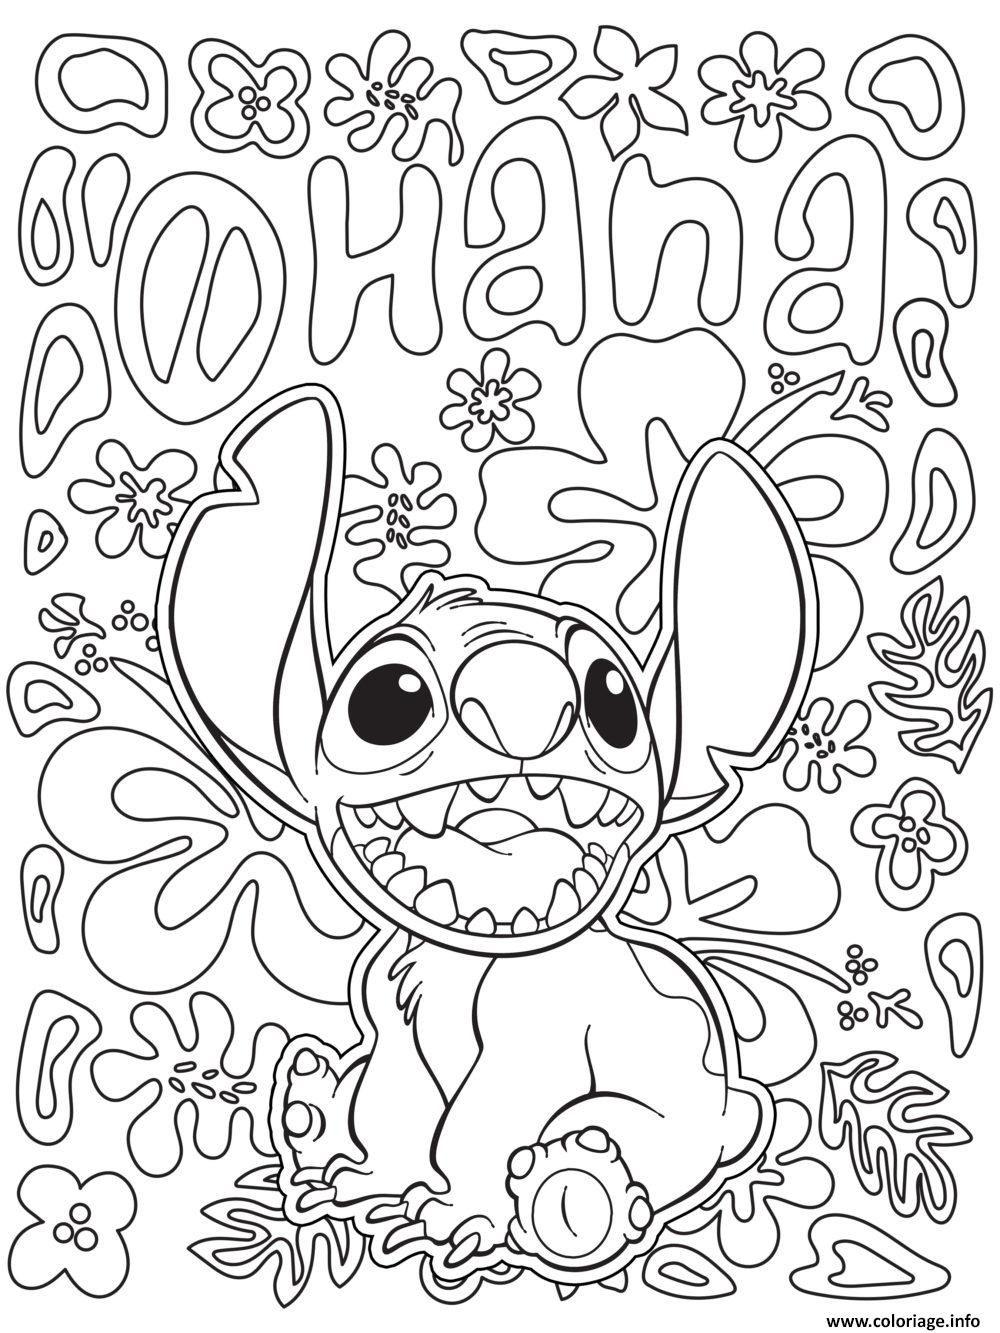 Epingle Par Cheyenne Kessler Sur Coloring Pages Coloriage